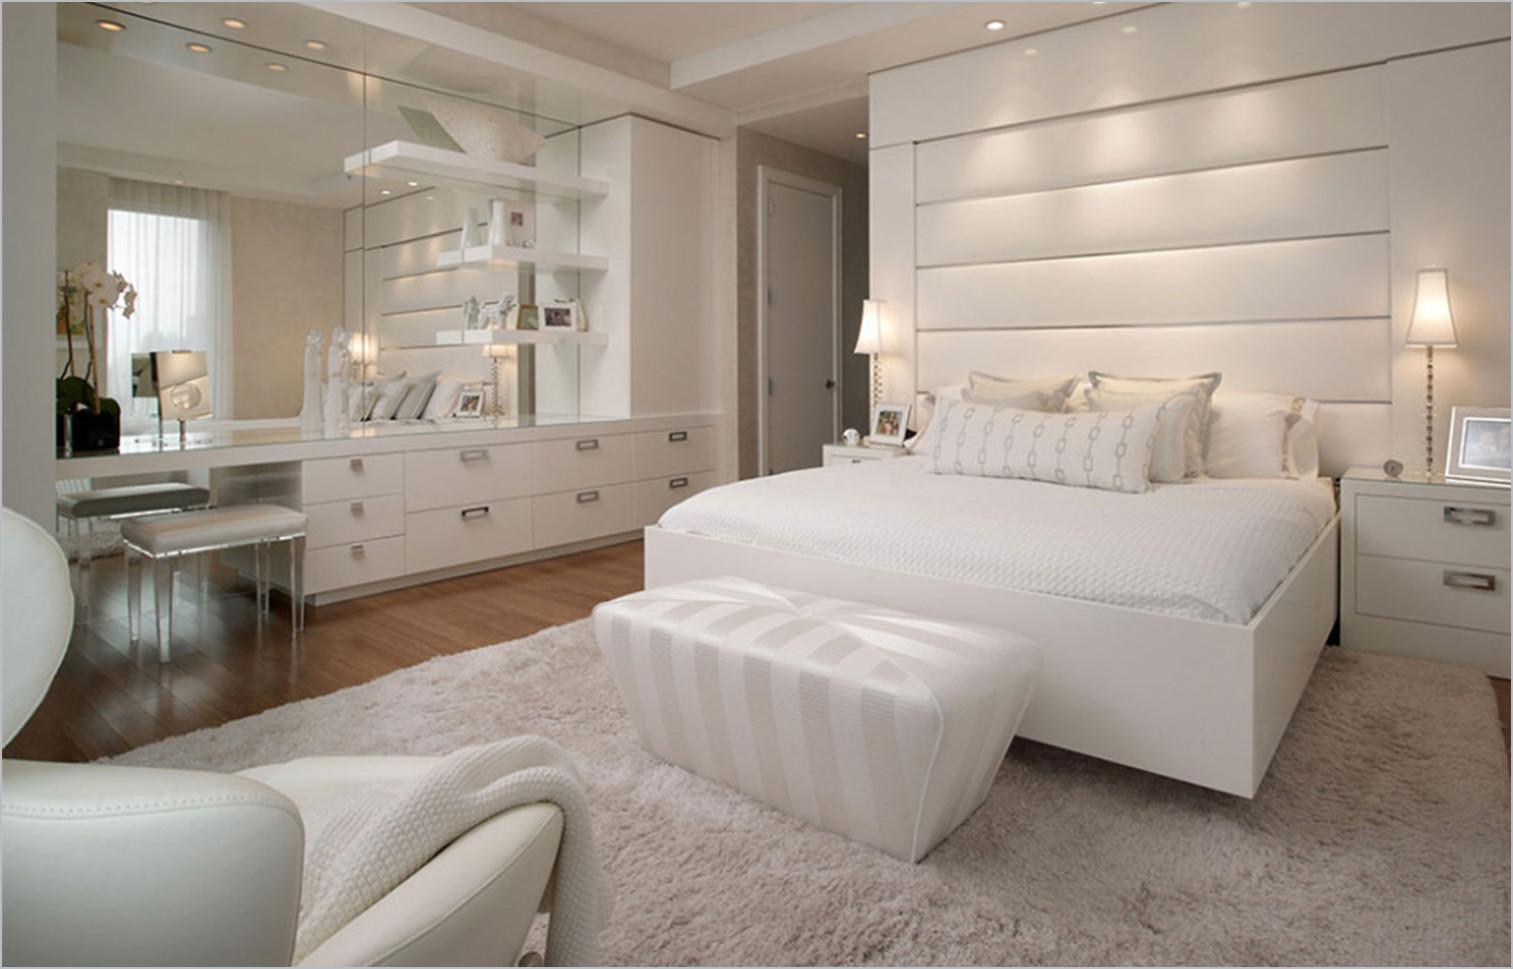 Schlafzimmer Inspirationen Ausgezeichnet On Und For Designs Modern Beabsichtigt 4